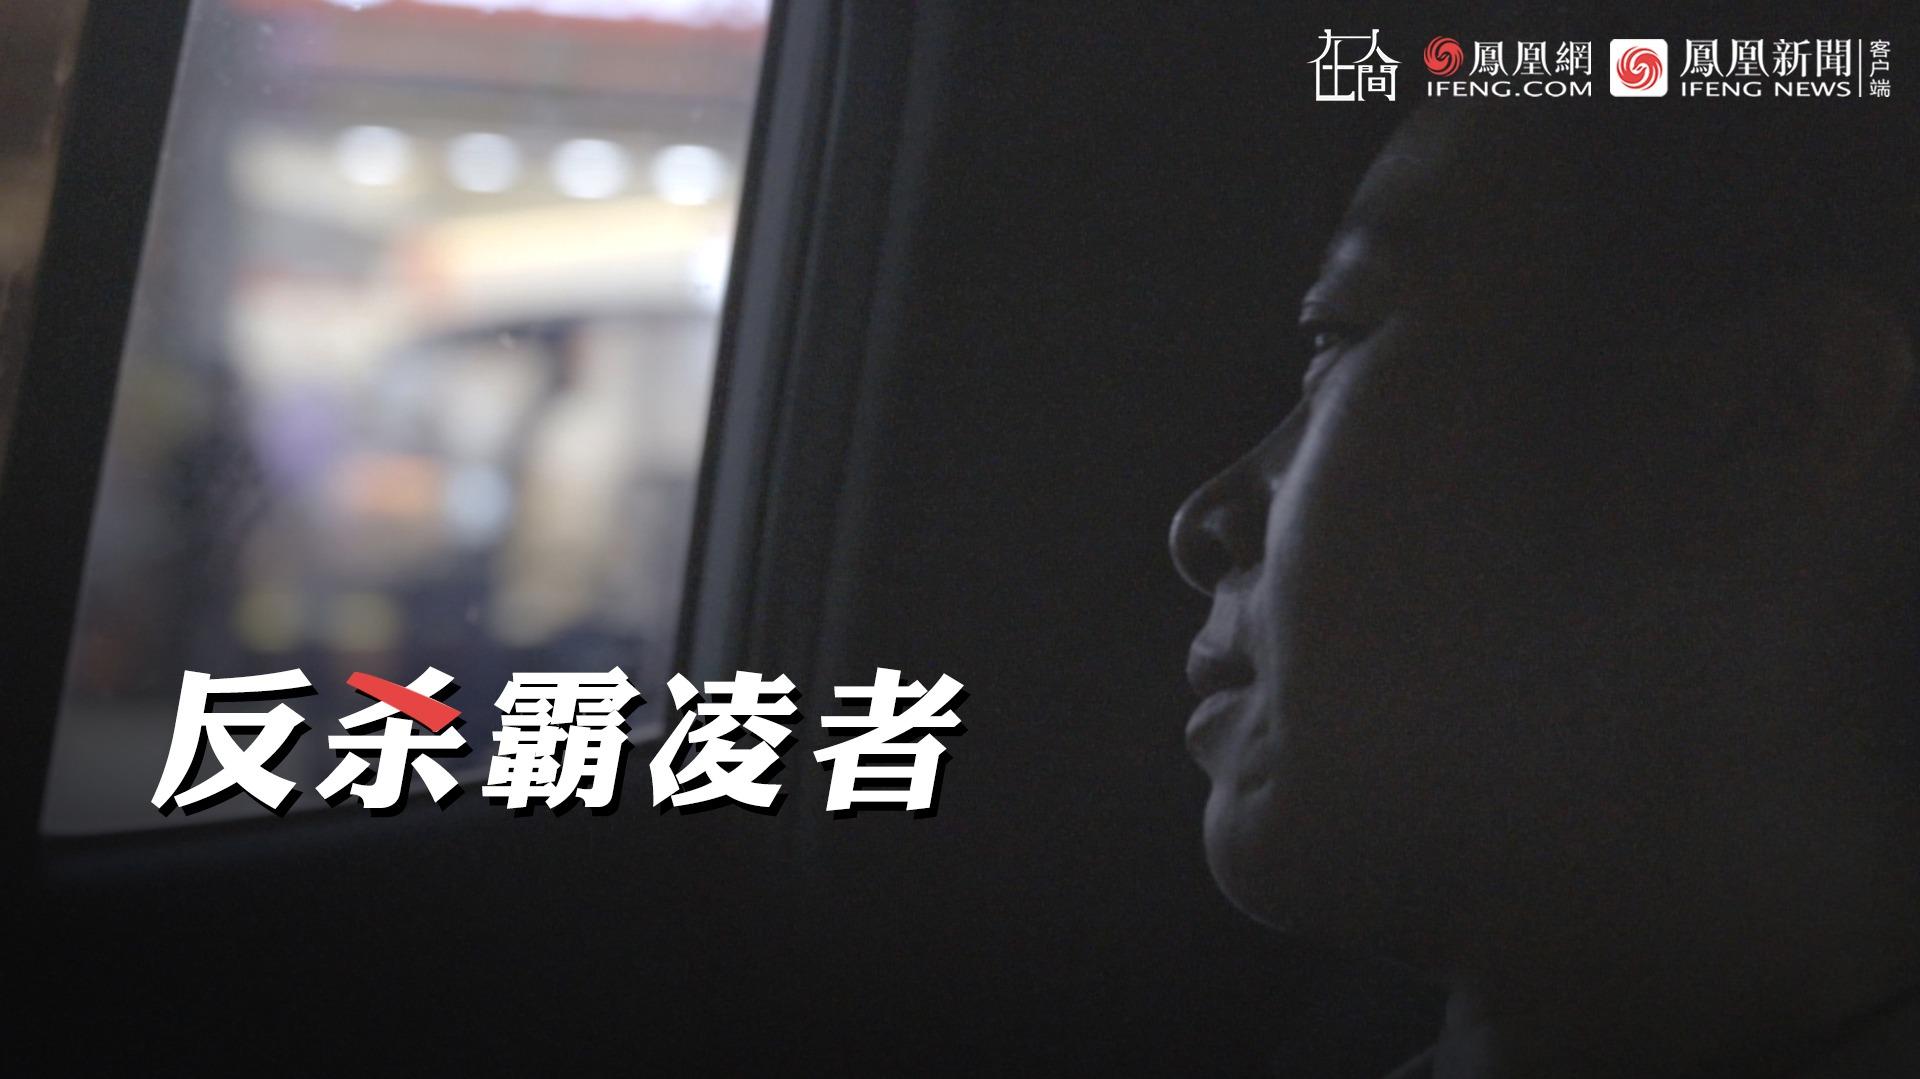 """刺死霸凌者获刑8年当事人母亲:不放弃申诉 儿子是""""正当防卫"""""""